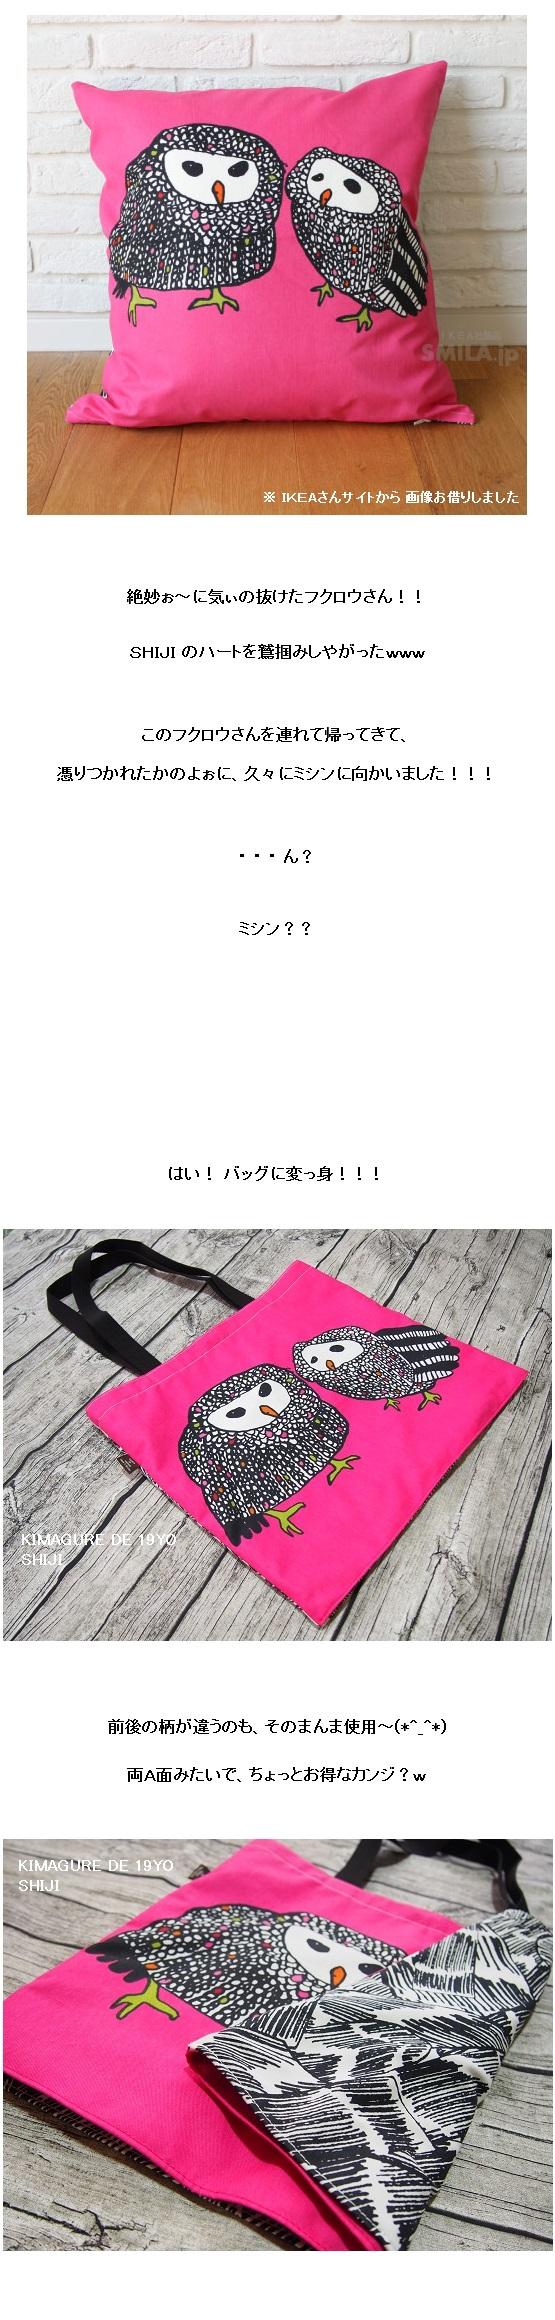 フクロウのトートバッグ2